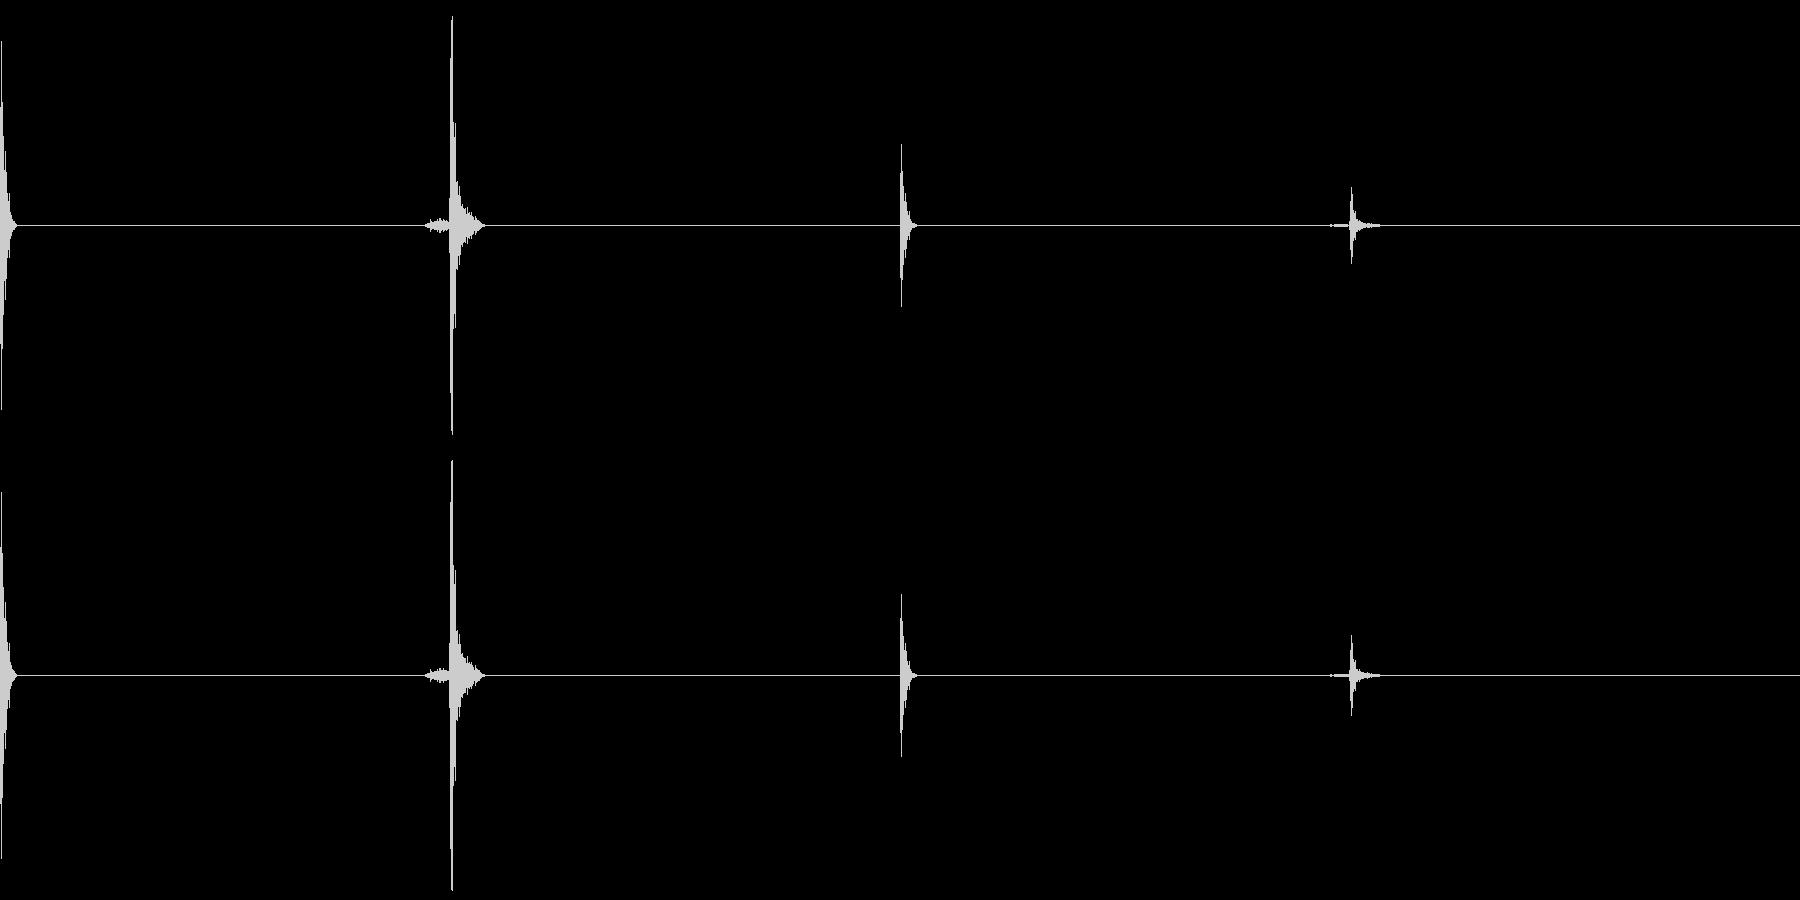 時計、タイマー、ストップウォッチ_D_3の未再生の波形